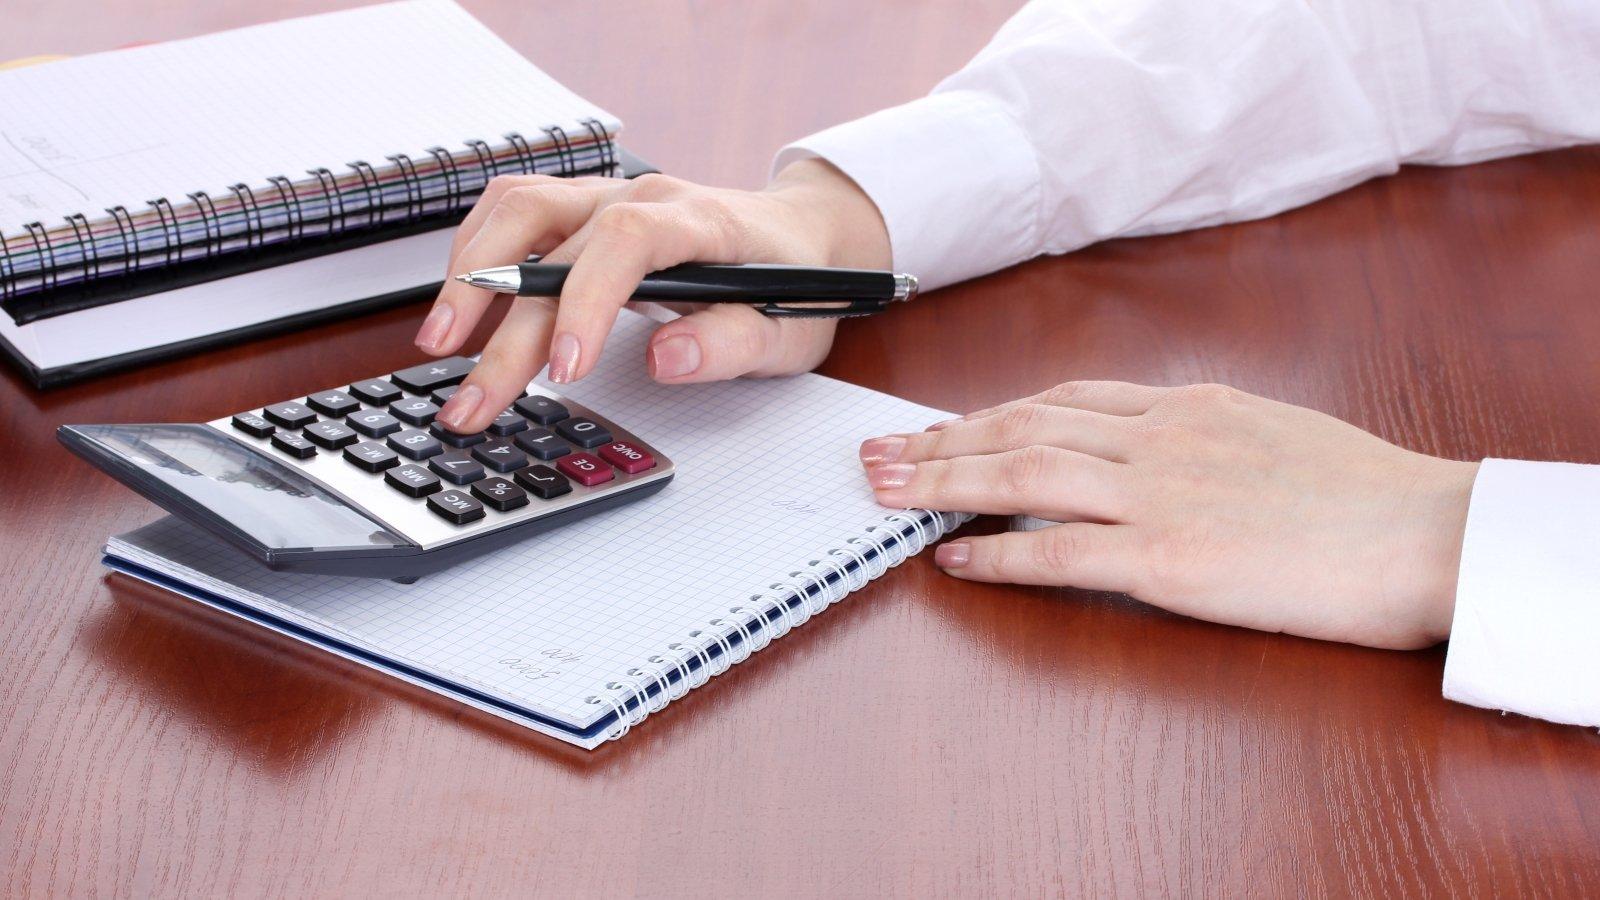 La mano di una donna che soggetta un biro usando una calcolatrice accanto a un quaderno